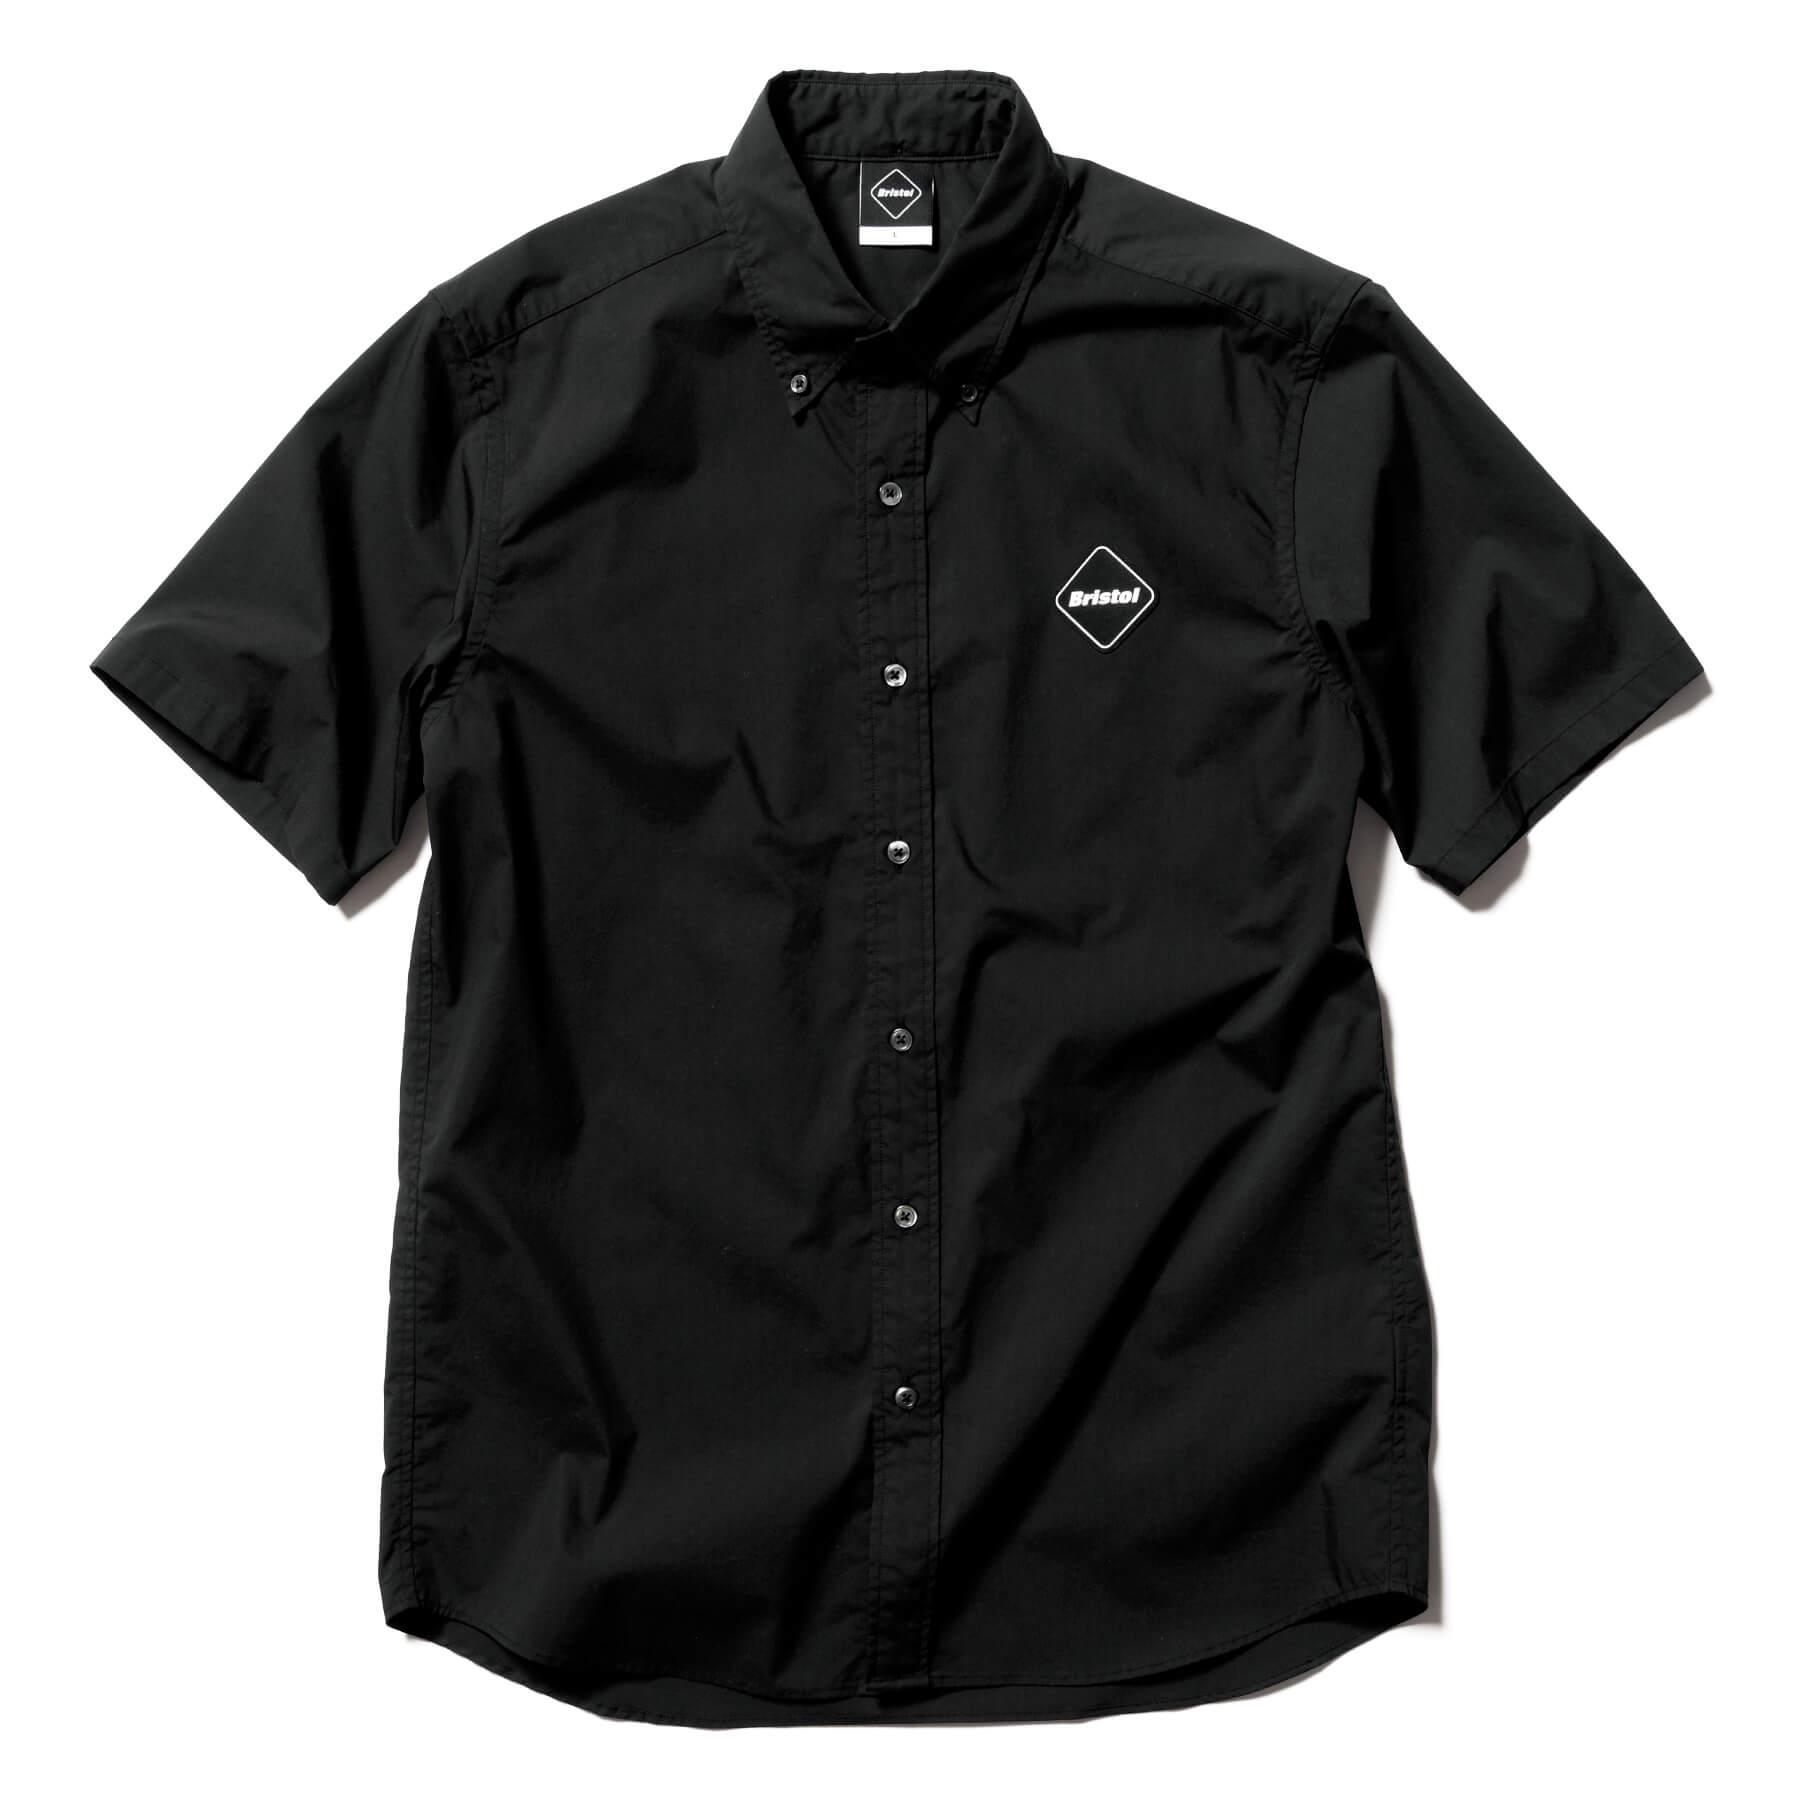 F.C. Real Bristol April 13 2020 S/S Drop Coolmax Emblem B.D S/S Shirt